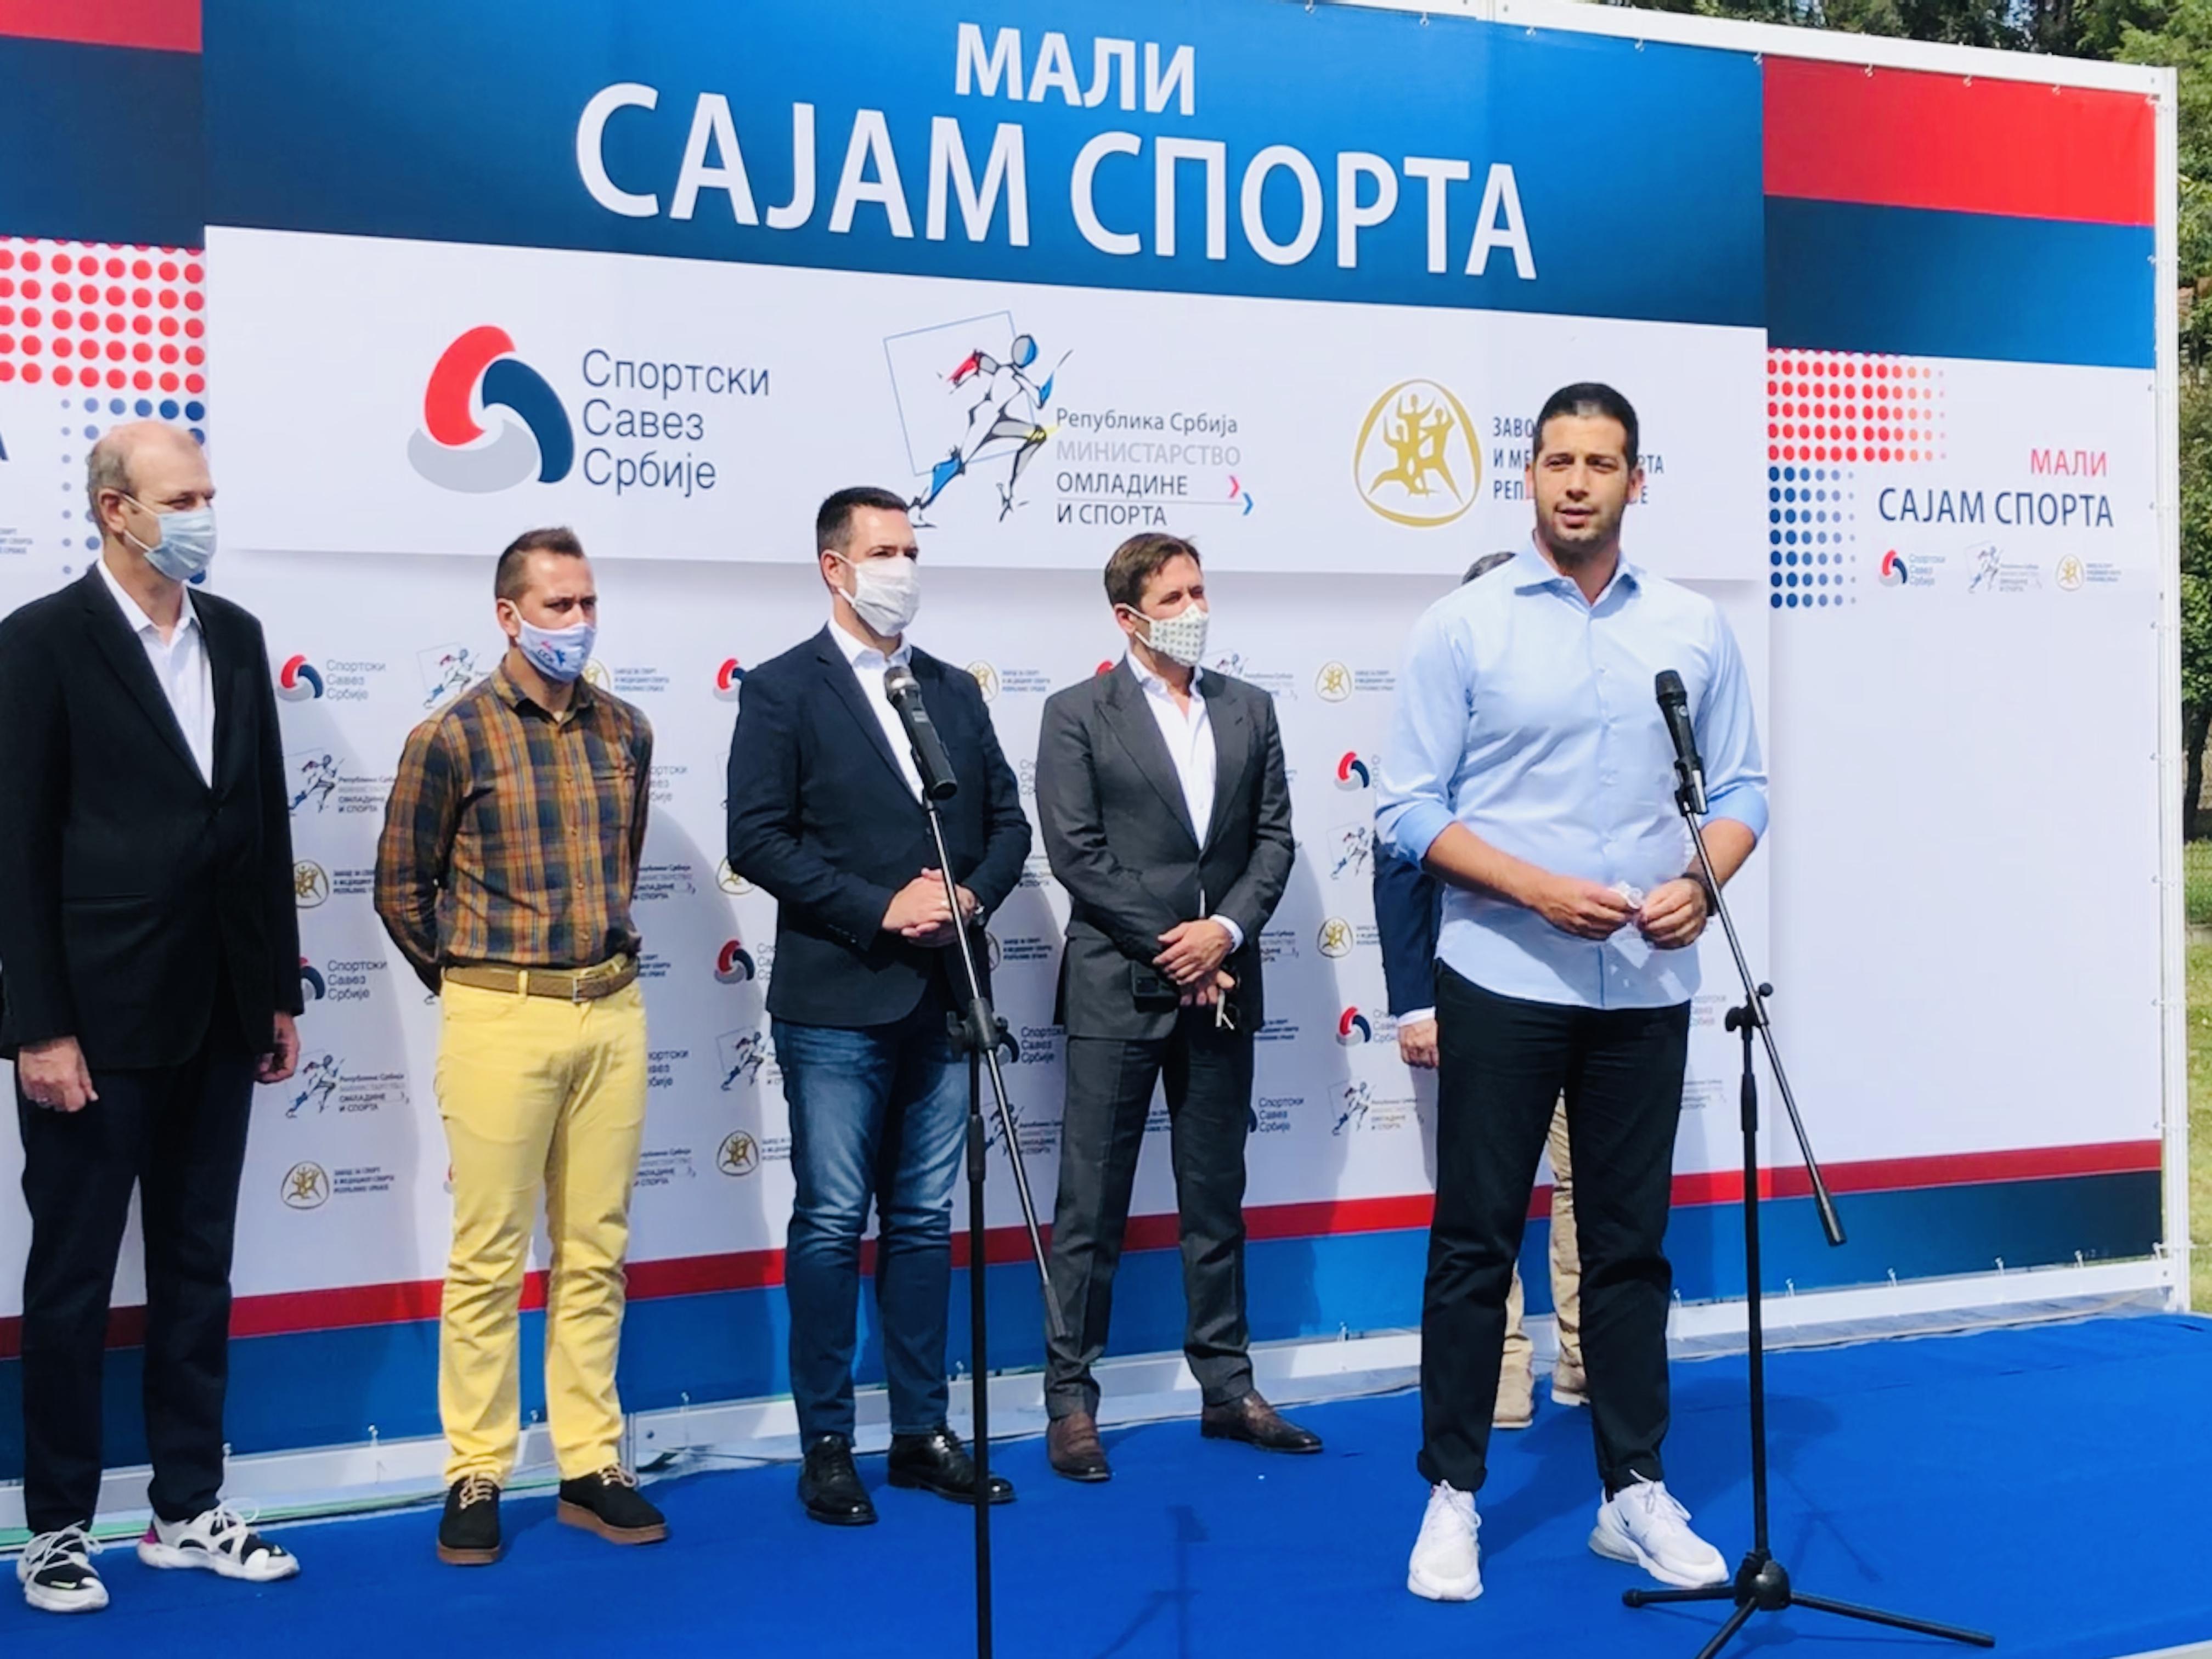 """Ministar Udovičić otvorio """"Mali sajam sporta"""" i obišao radove na atletskom stadionu u Kraljevu"""